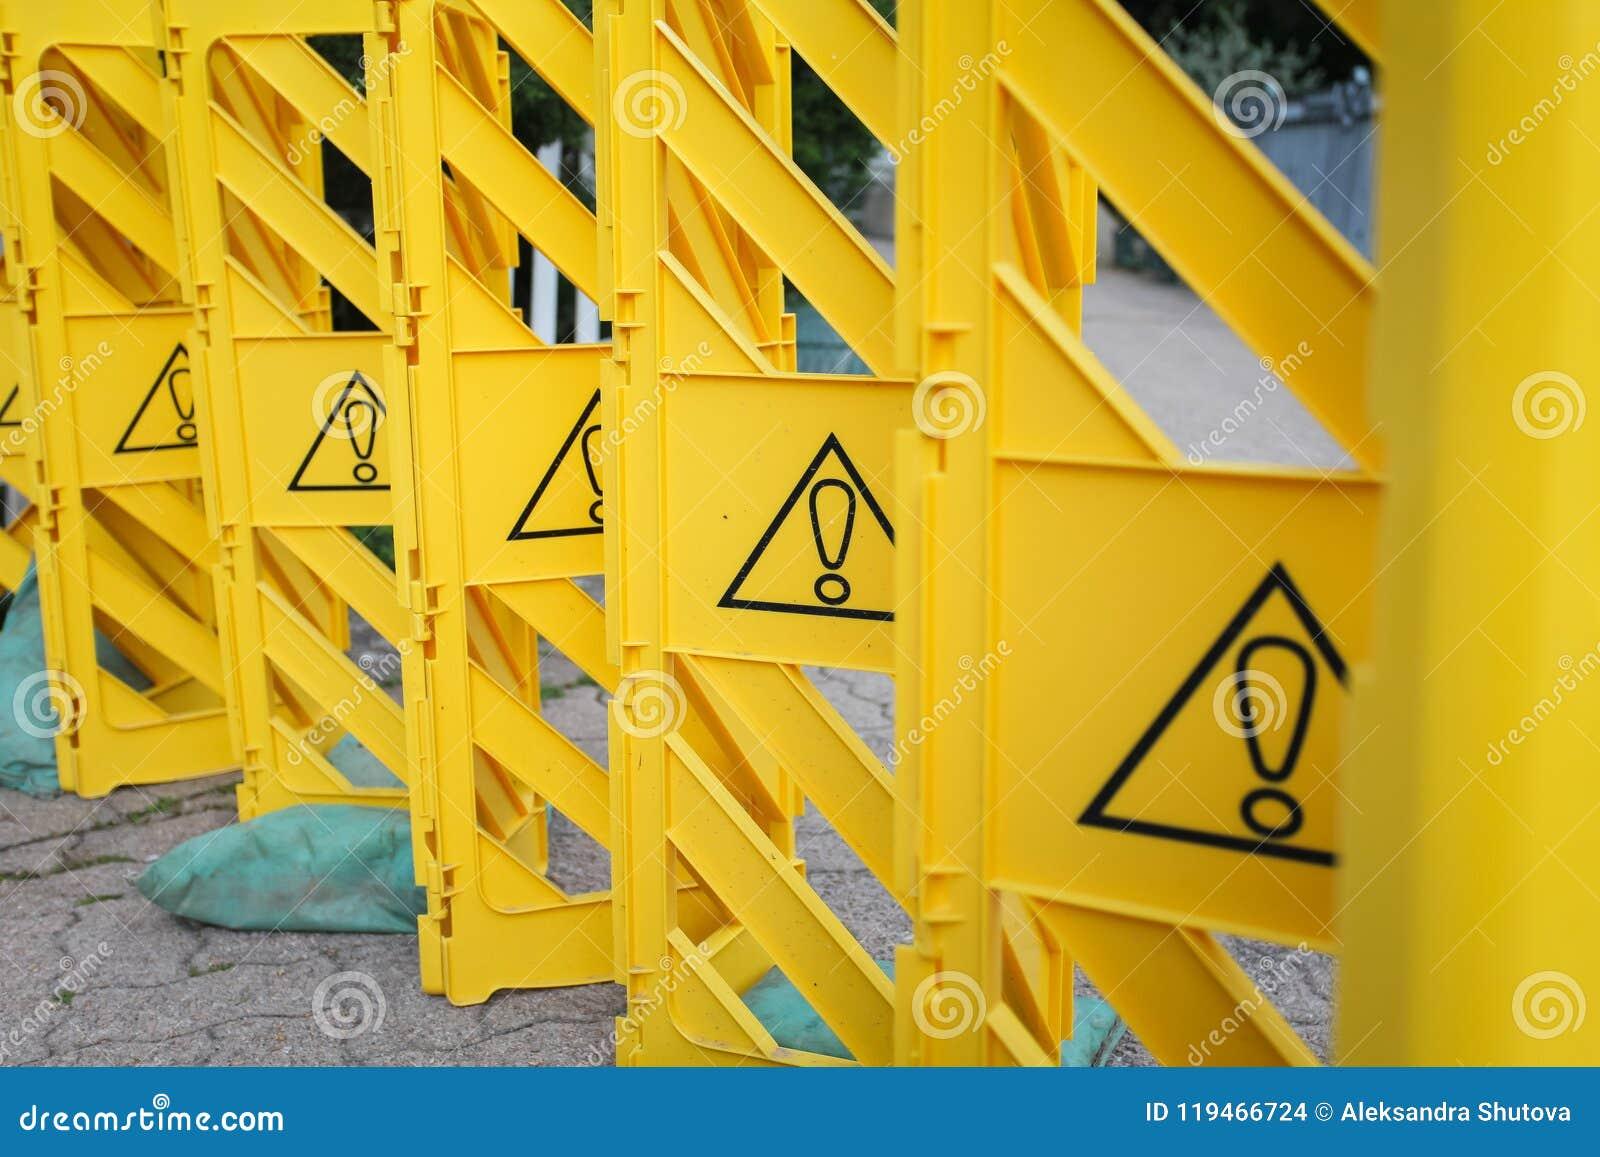 Barrière en plastique jaune avec des marques d exclamation, concept d interdiction, attention de salaire